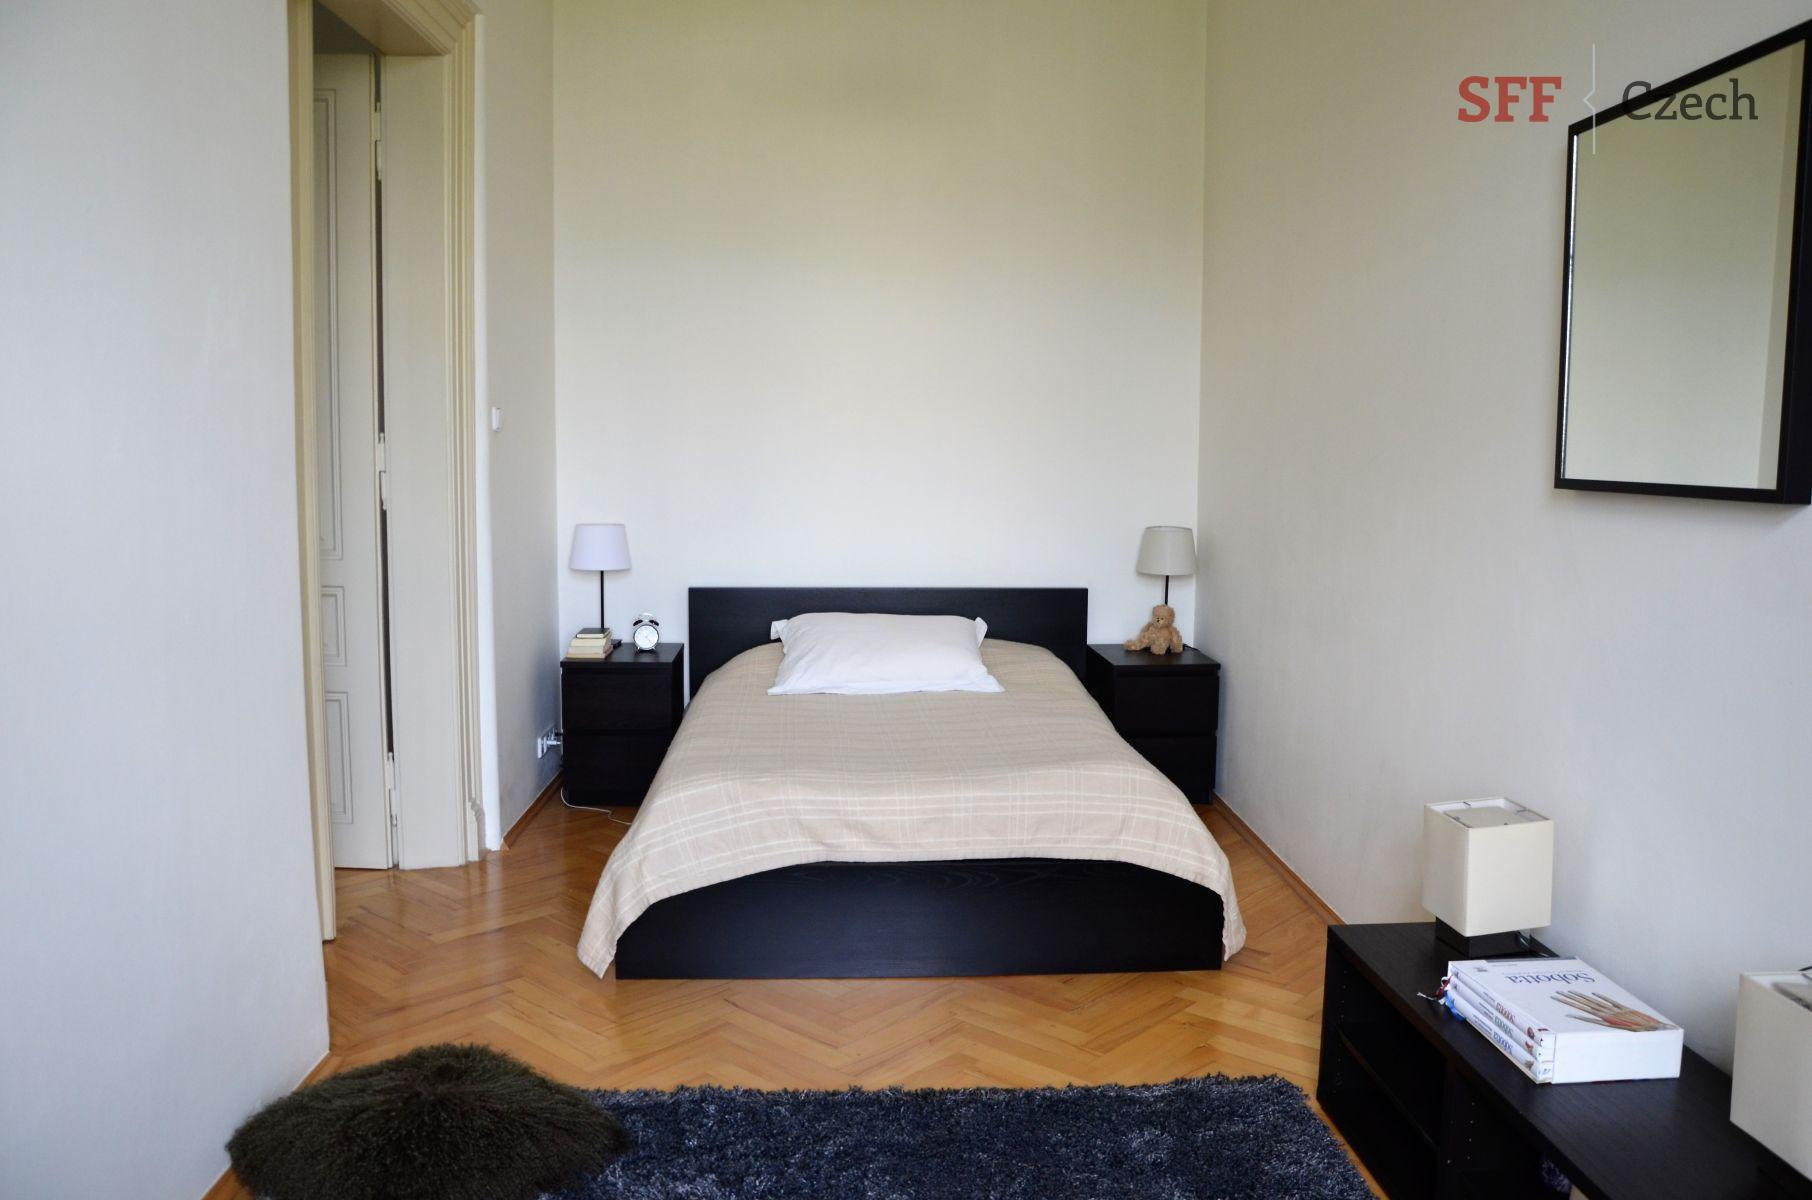 Velmi hezký byt 2+1 po rekonstrukci v historickém domě na Praze 1 vedle Václavského náměstí